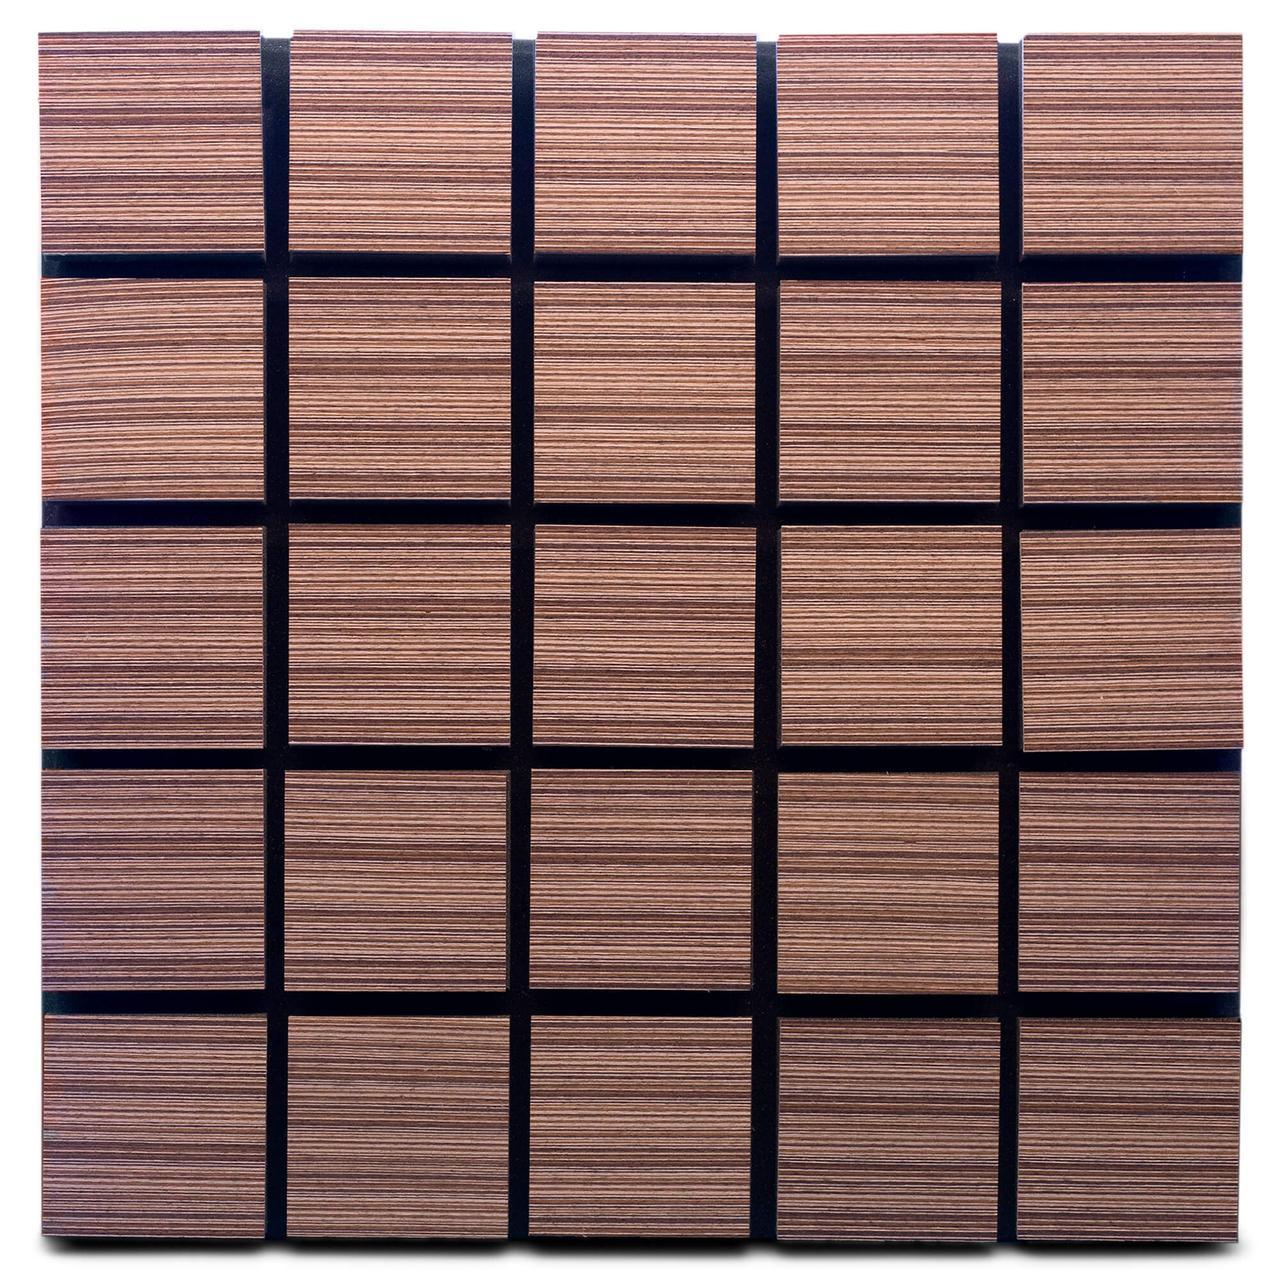 Акустическая панель Ecosound Tetras Wood Venge Contrast 50x50см 73мм цвет коричневый в полоску